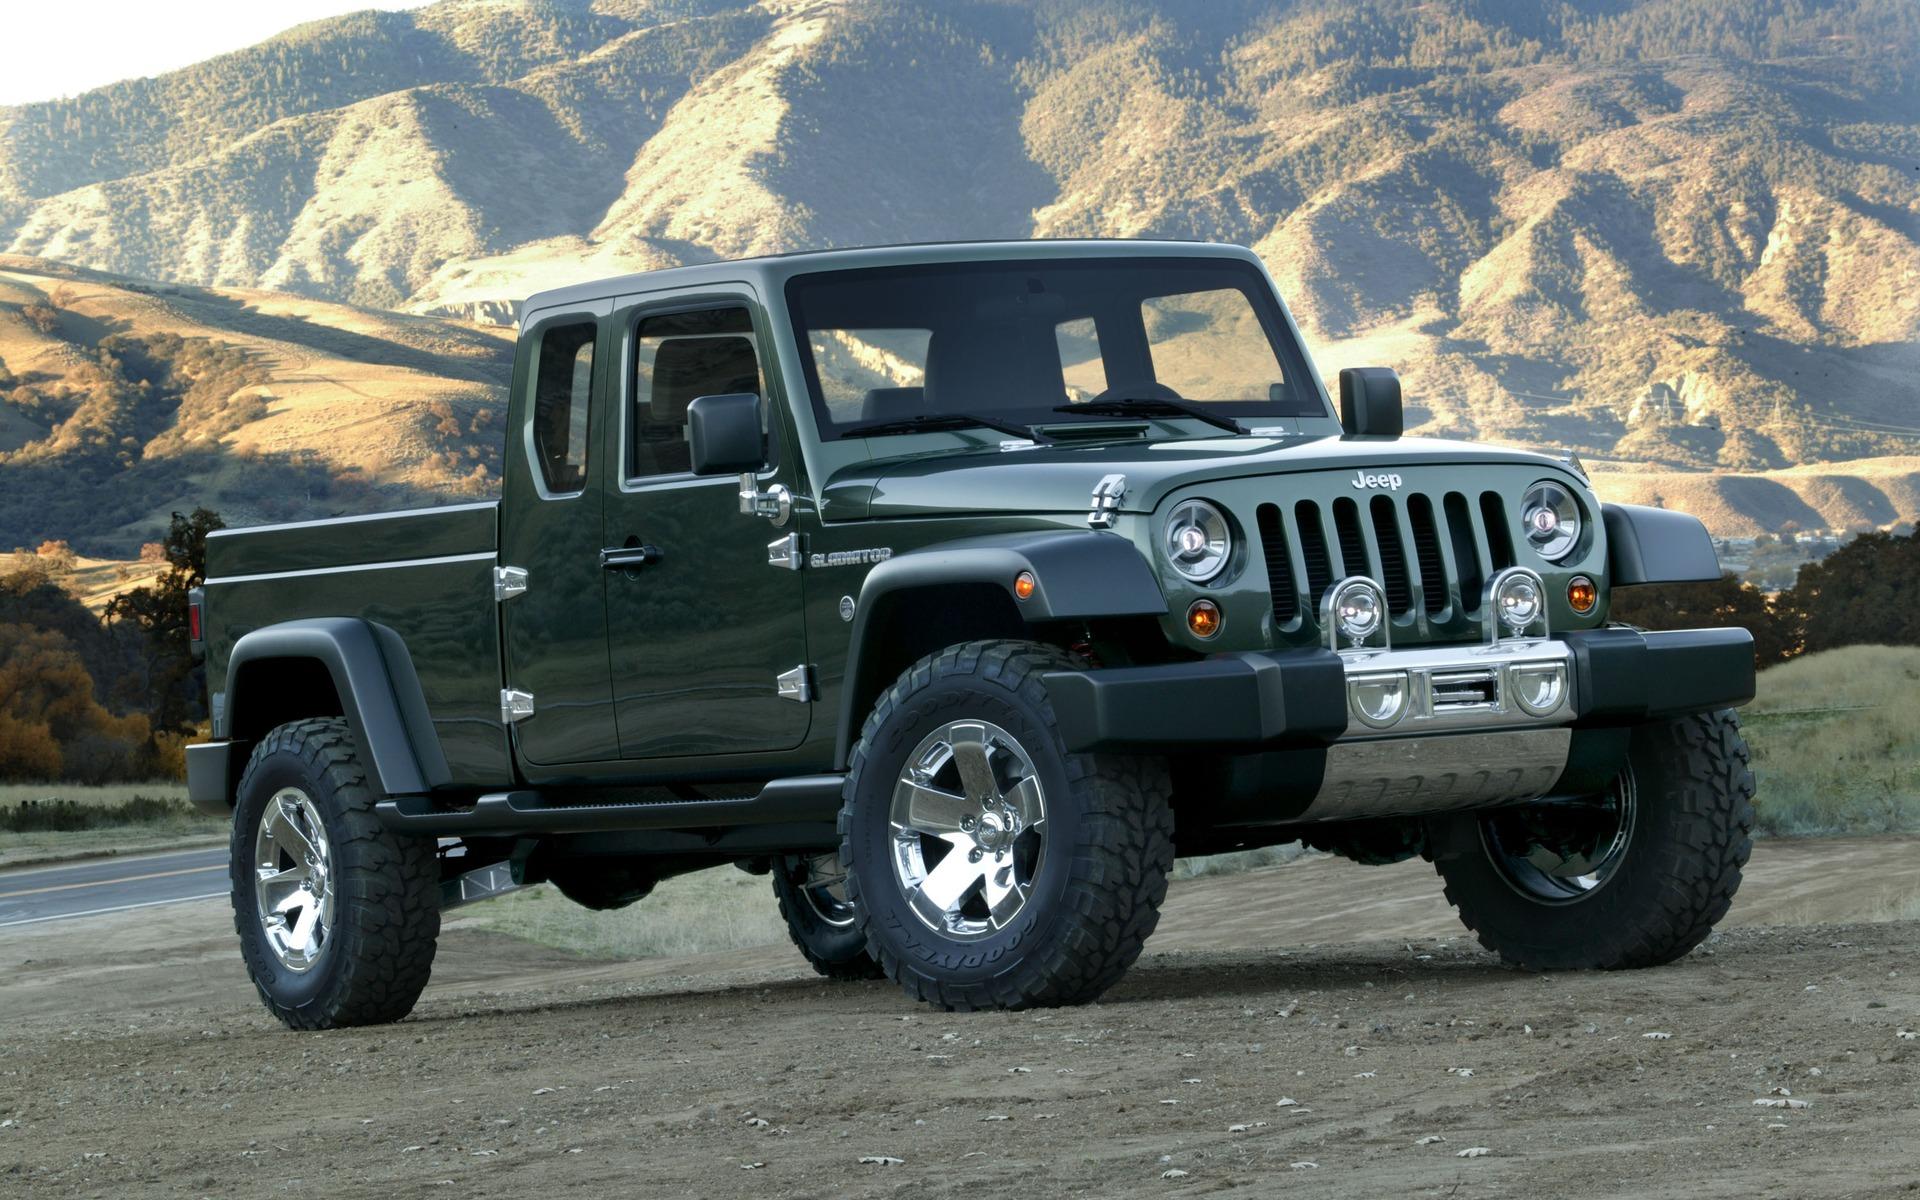 Le pickup Jeep sera dévoilé très bientôt 354029_Jeep